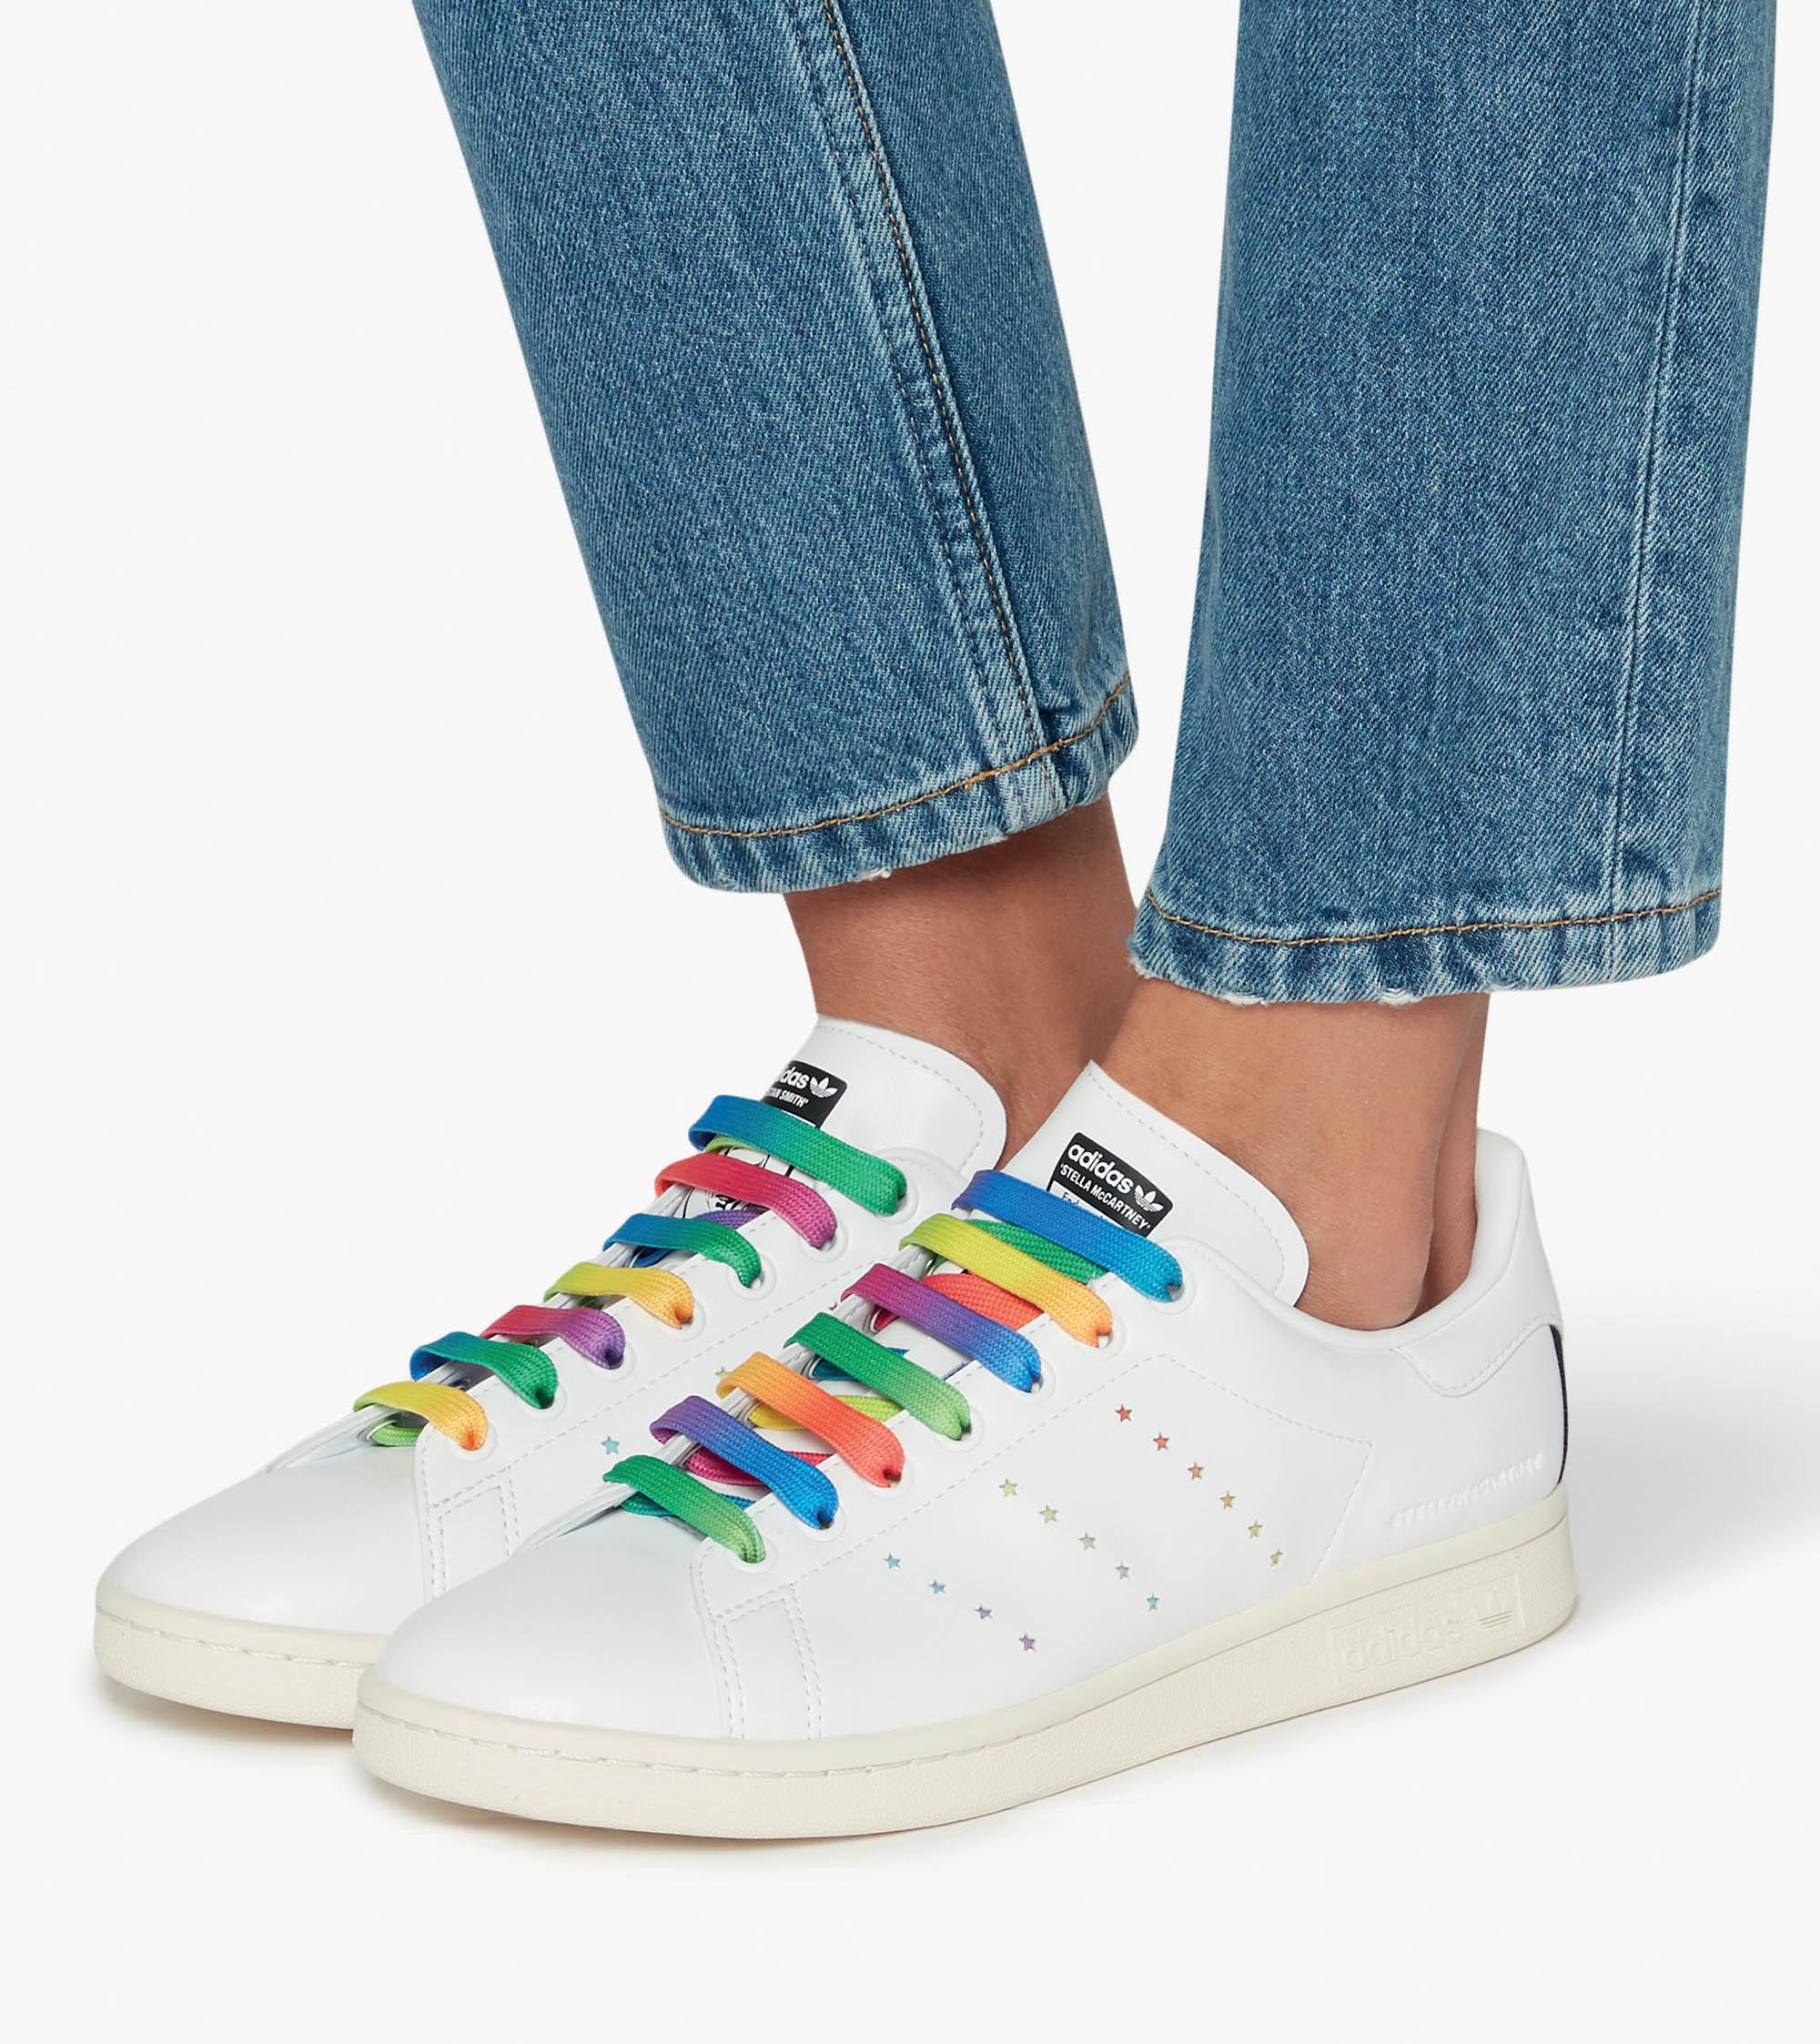 thời trang bền vững - sneakers sử dụng nguyên liệu tái chế